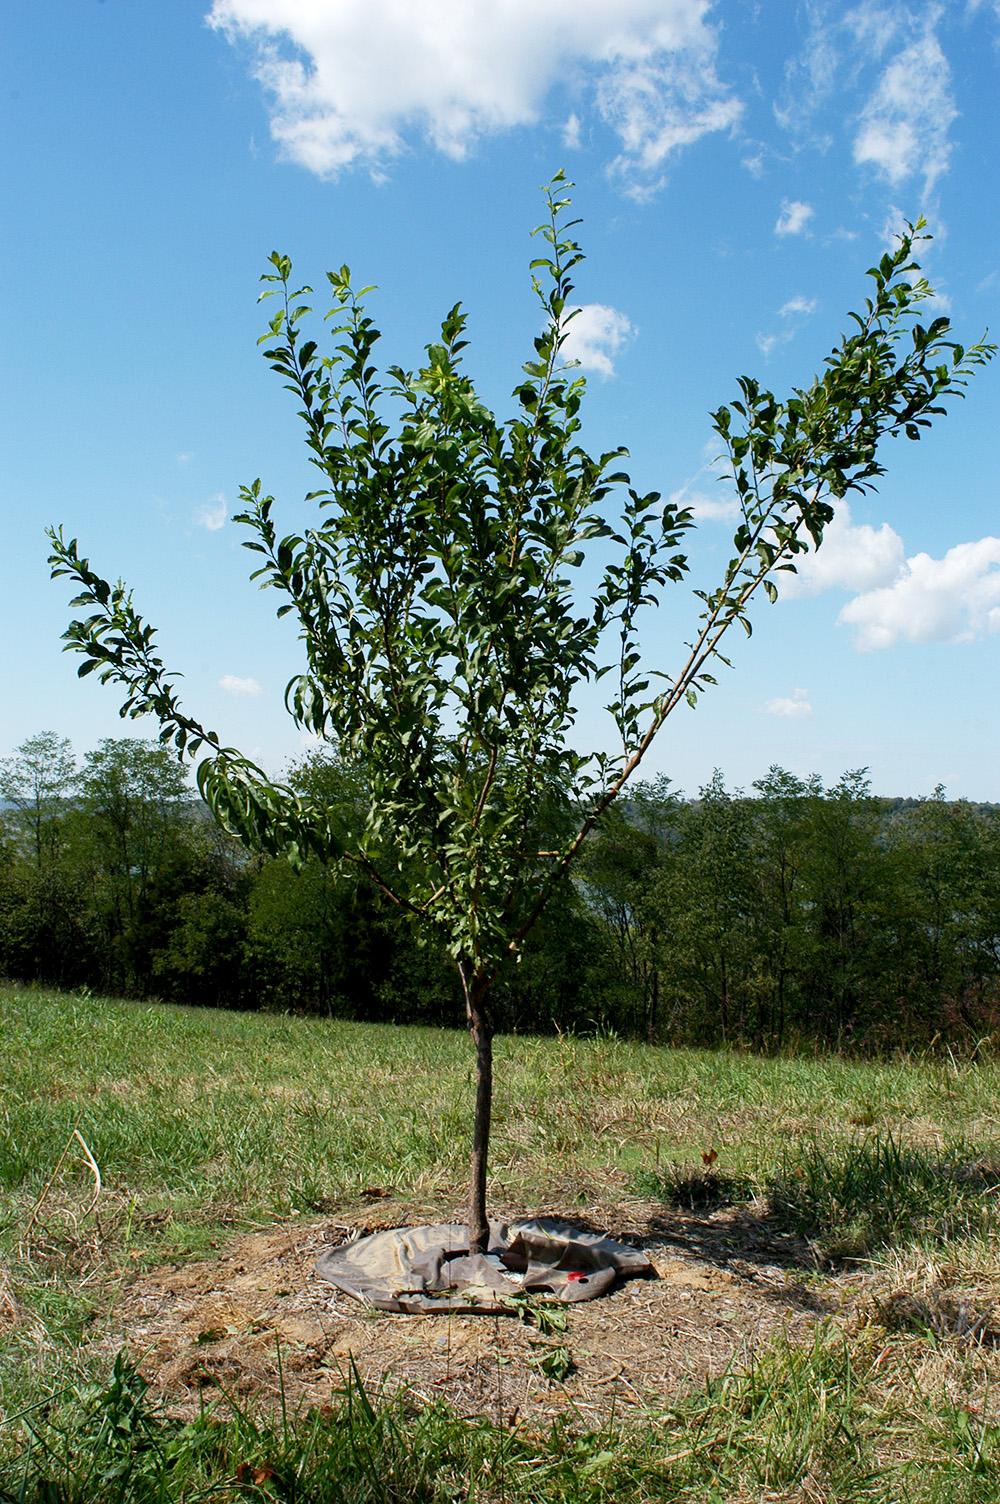 sam_van_aken_tree_69_sm_2012.jpg